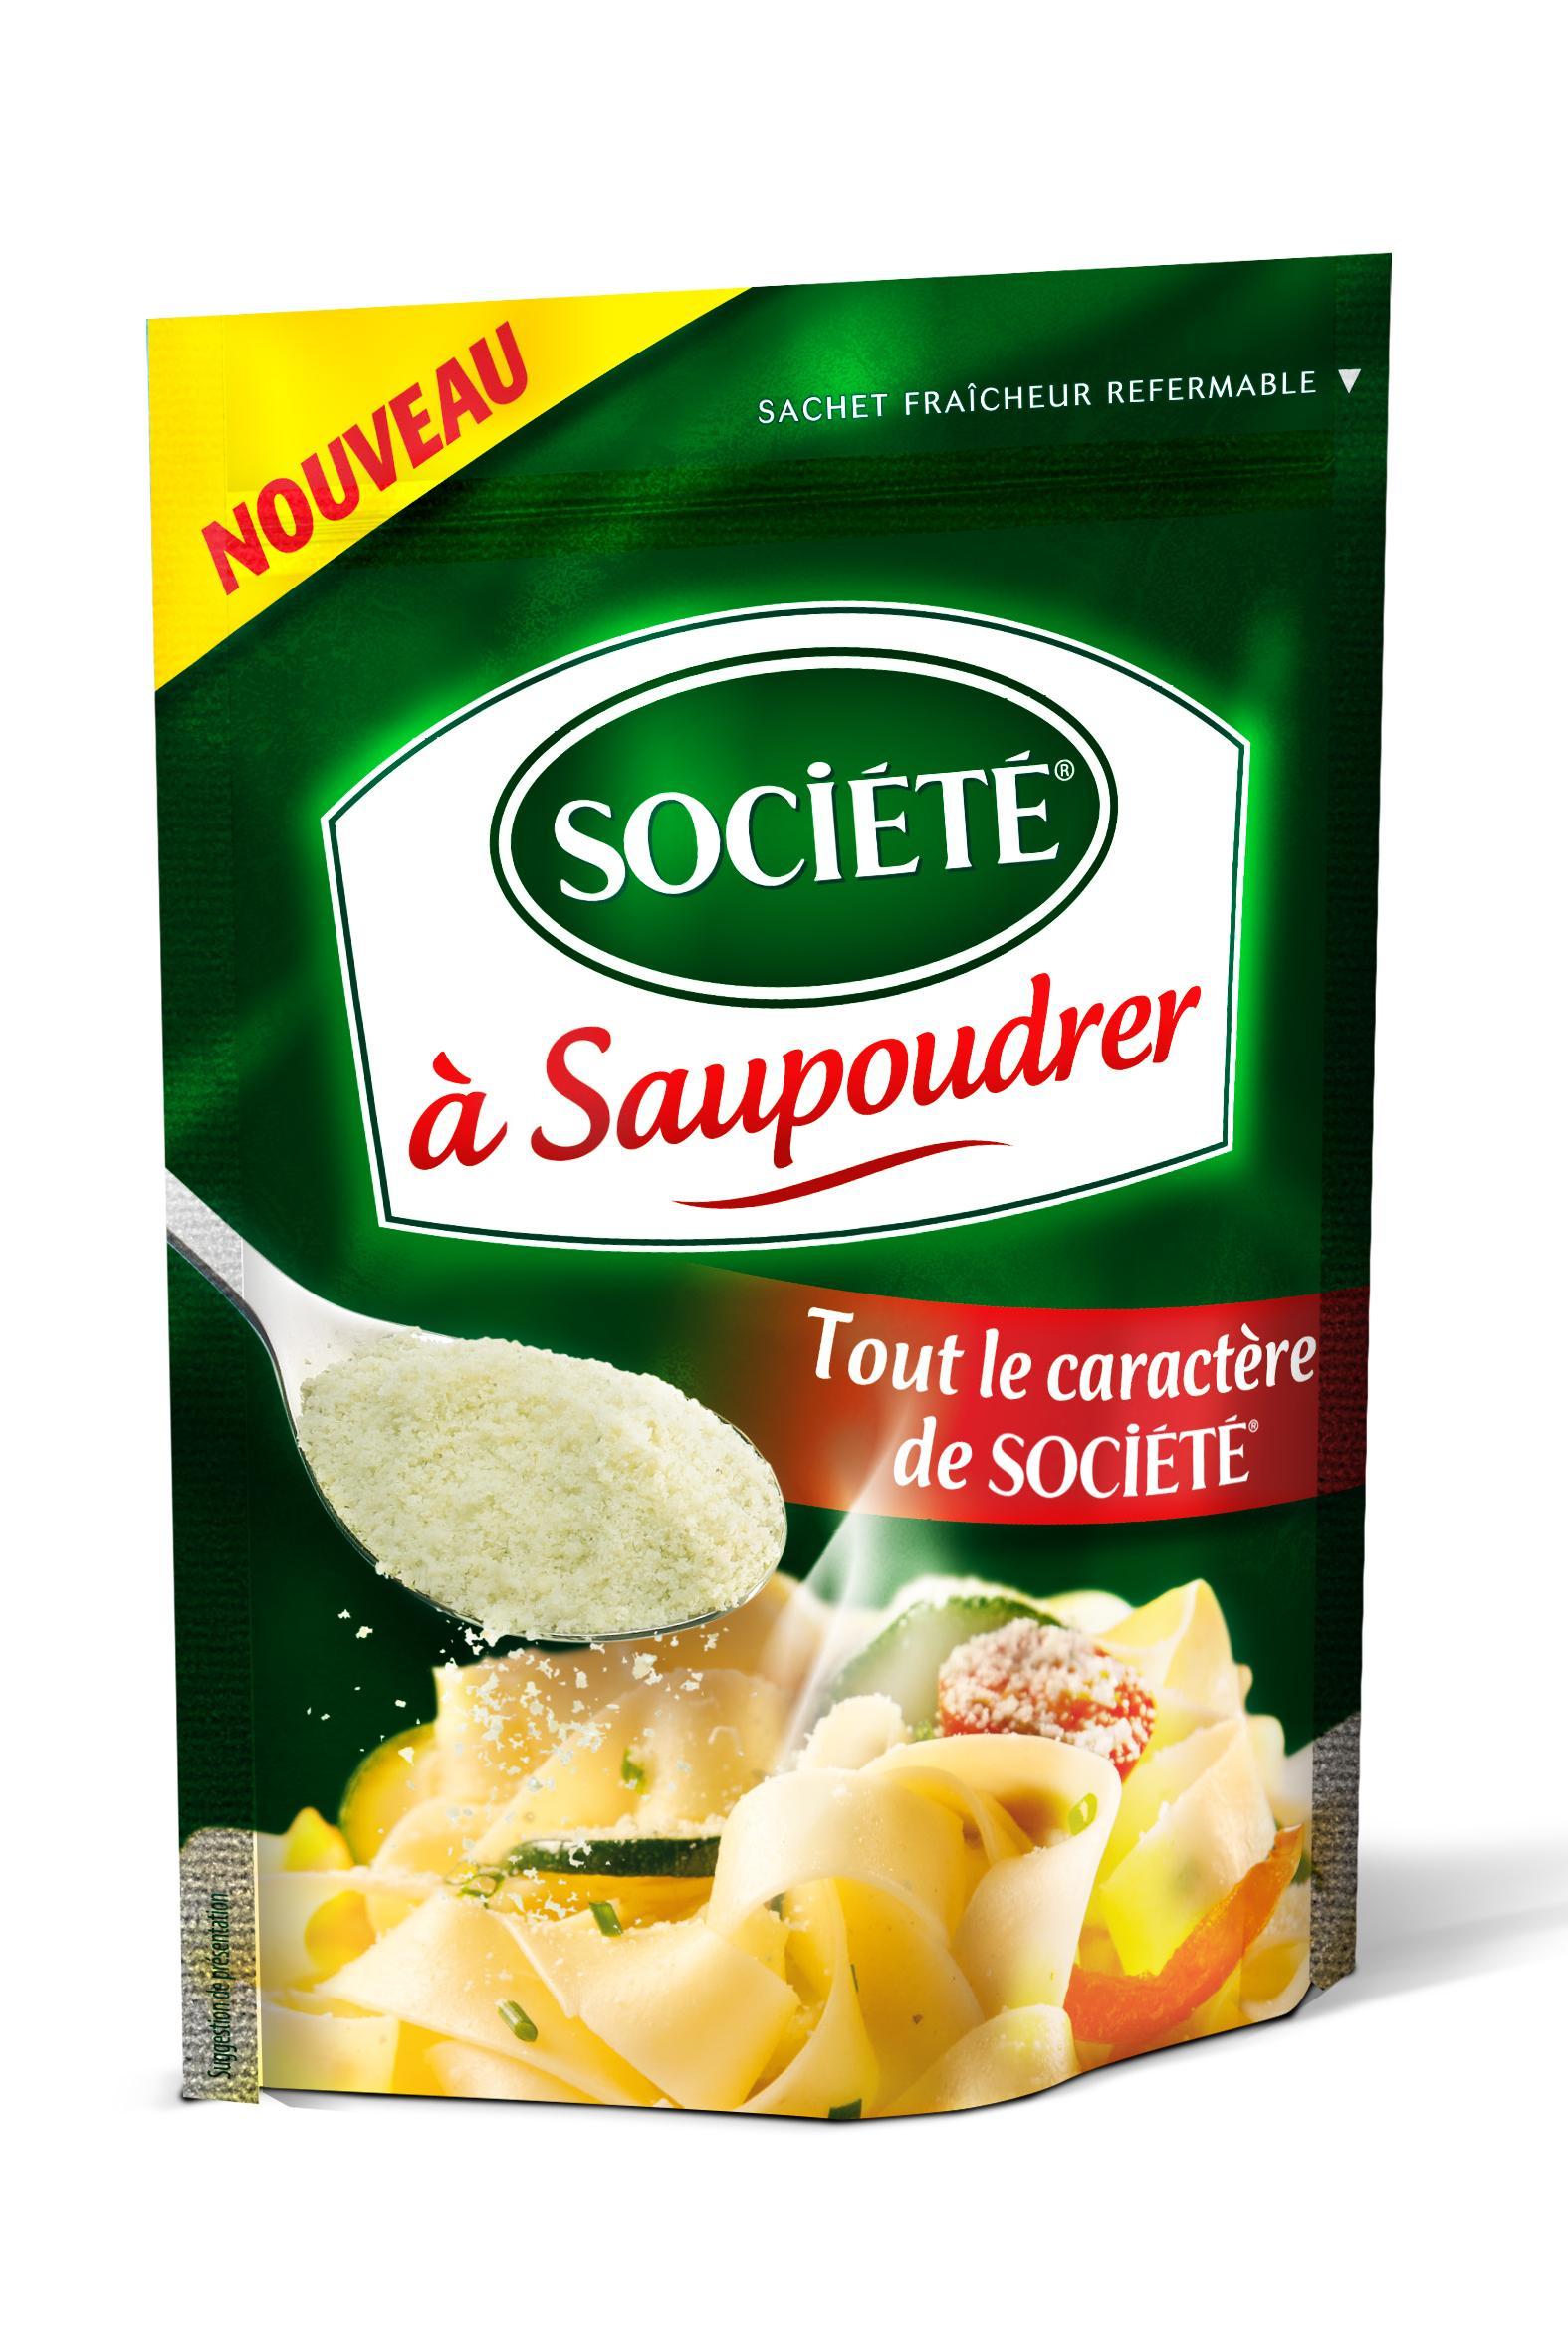 Selection de produit épicerie en promotion - Ex:  Fromage Société à saupoudrer (via BDR de 0.9€)